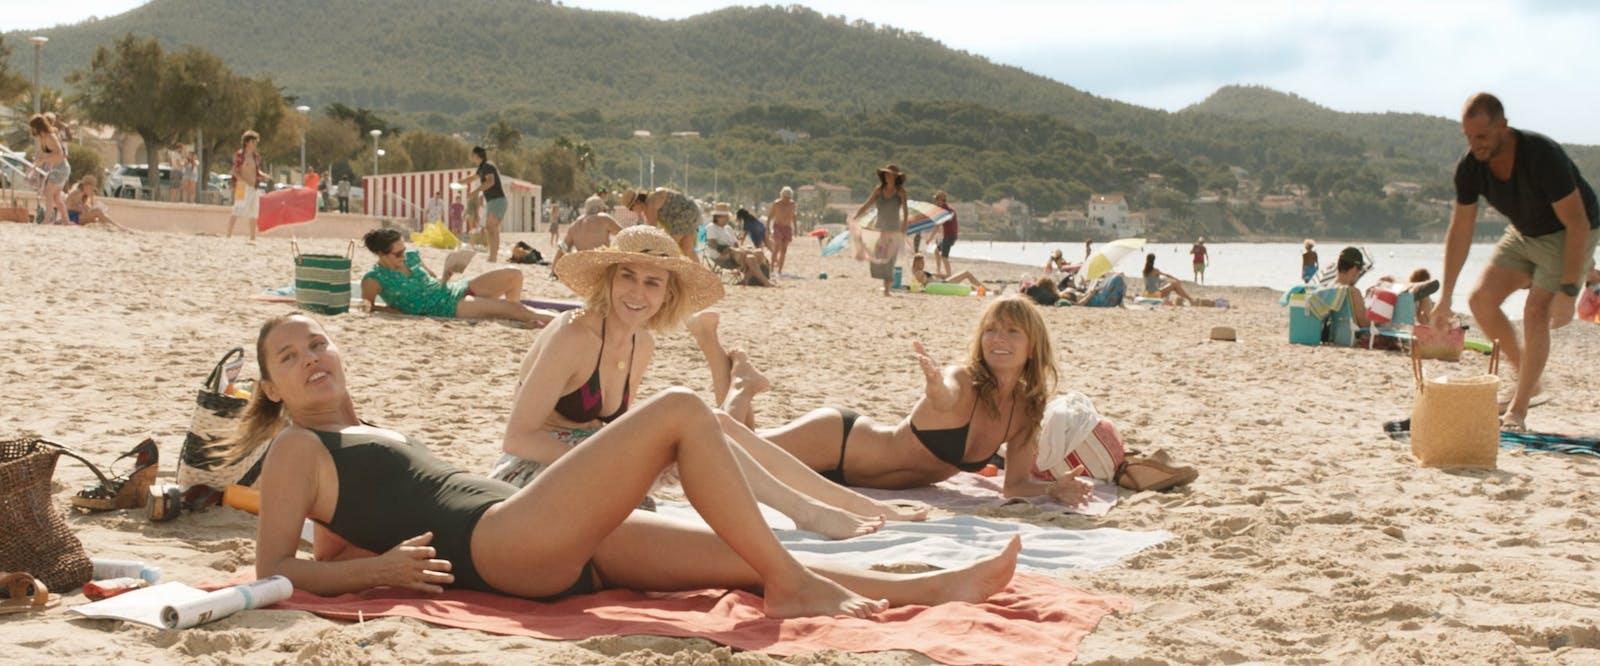 Bild från Axelle Laffonts film MILF, här på skådespelarna Virginie Ledoyen, Marie-Joseé Croze och Axelle Laffont.